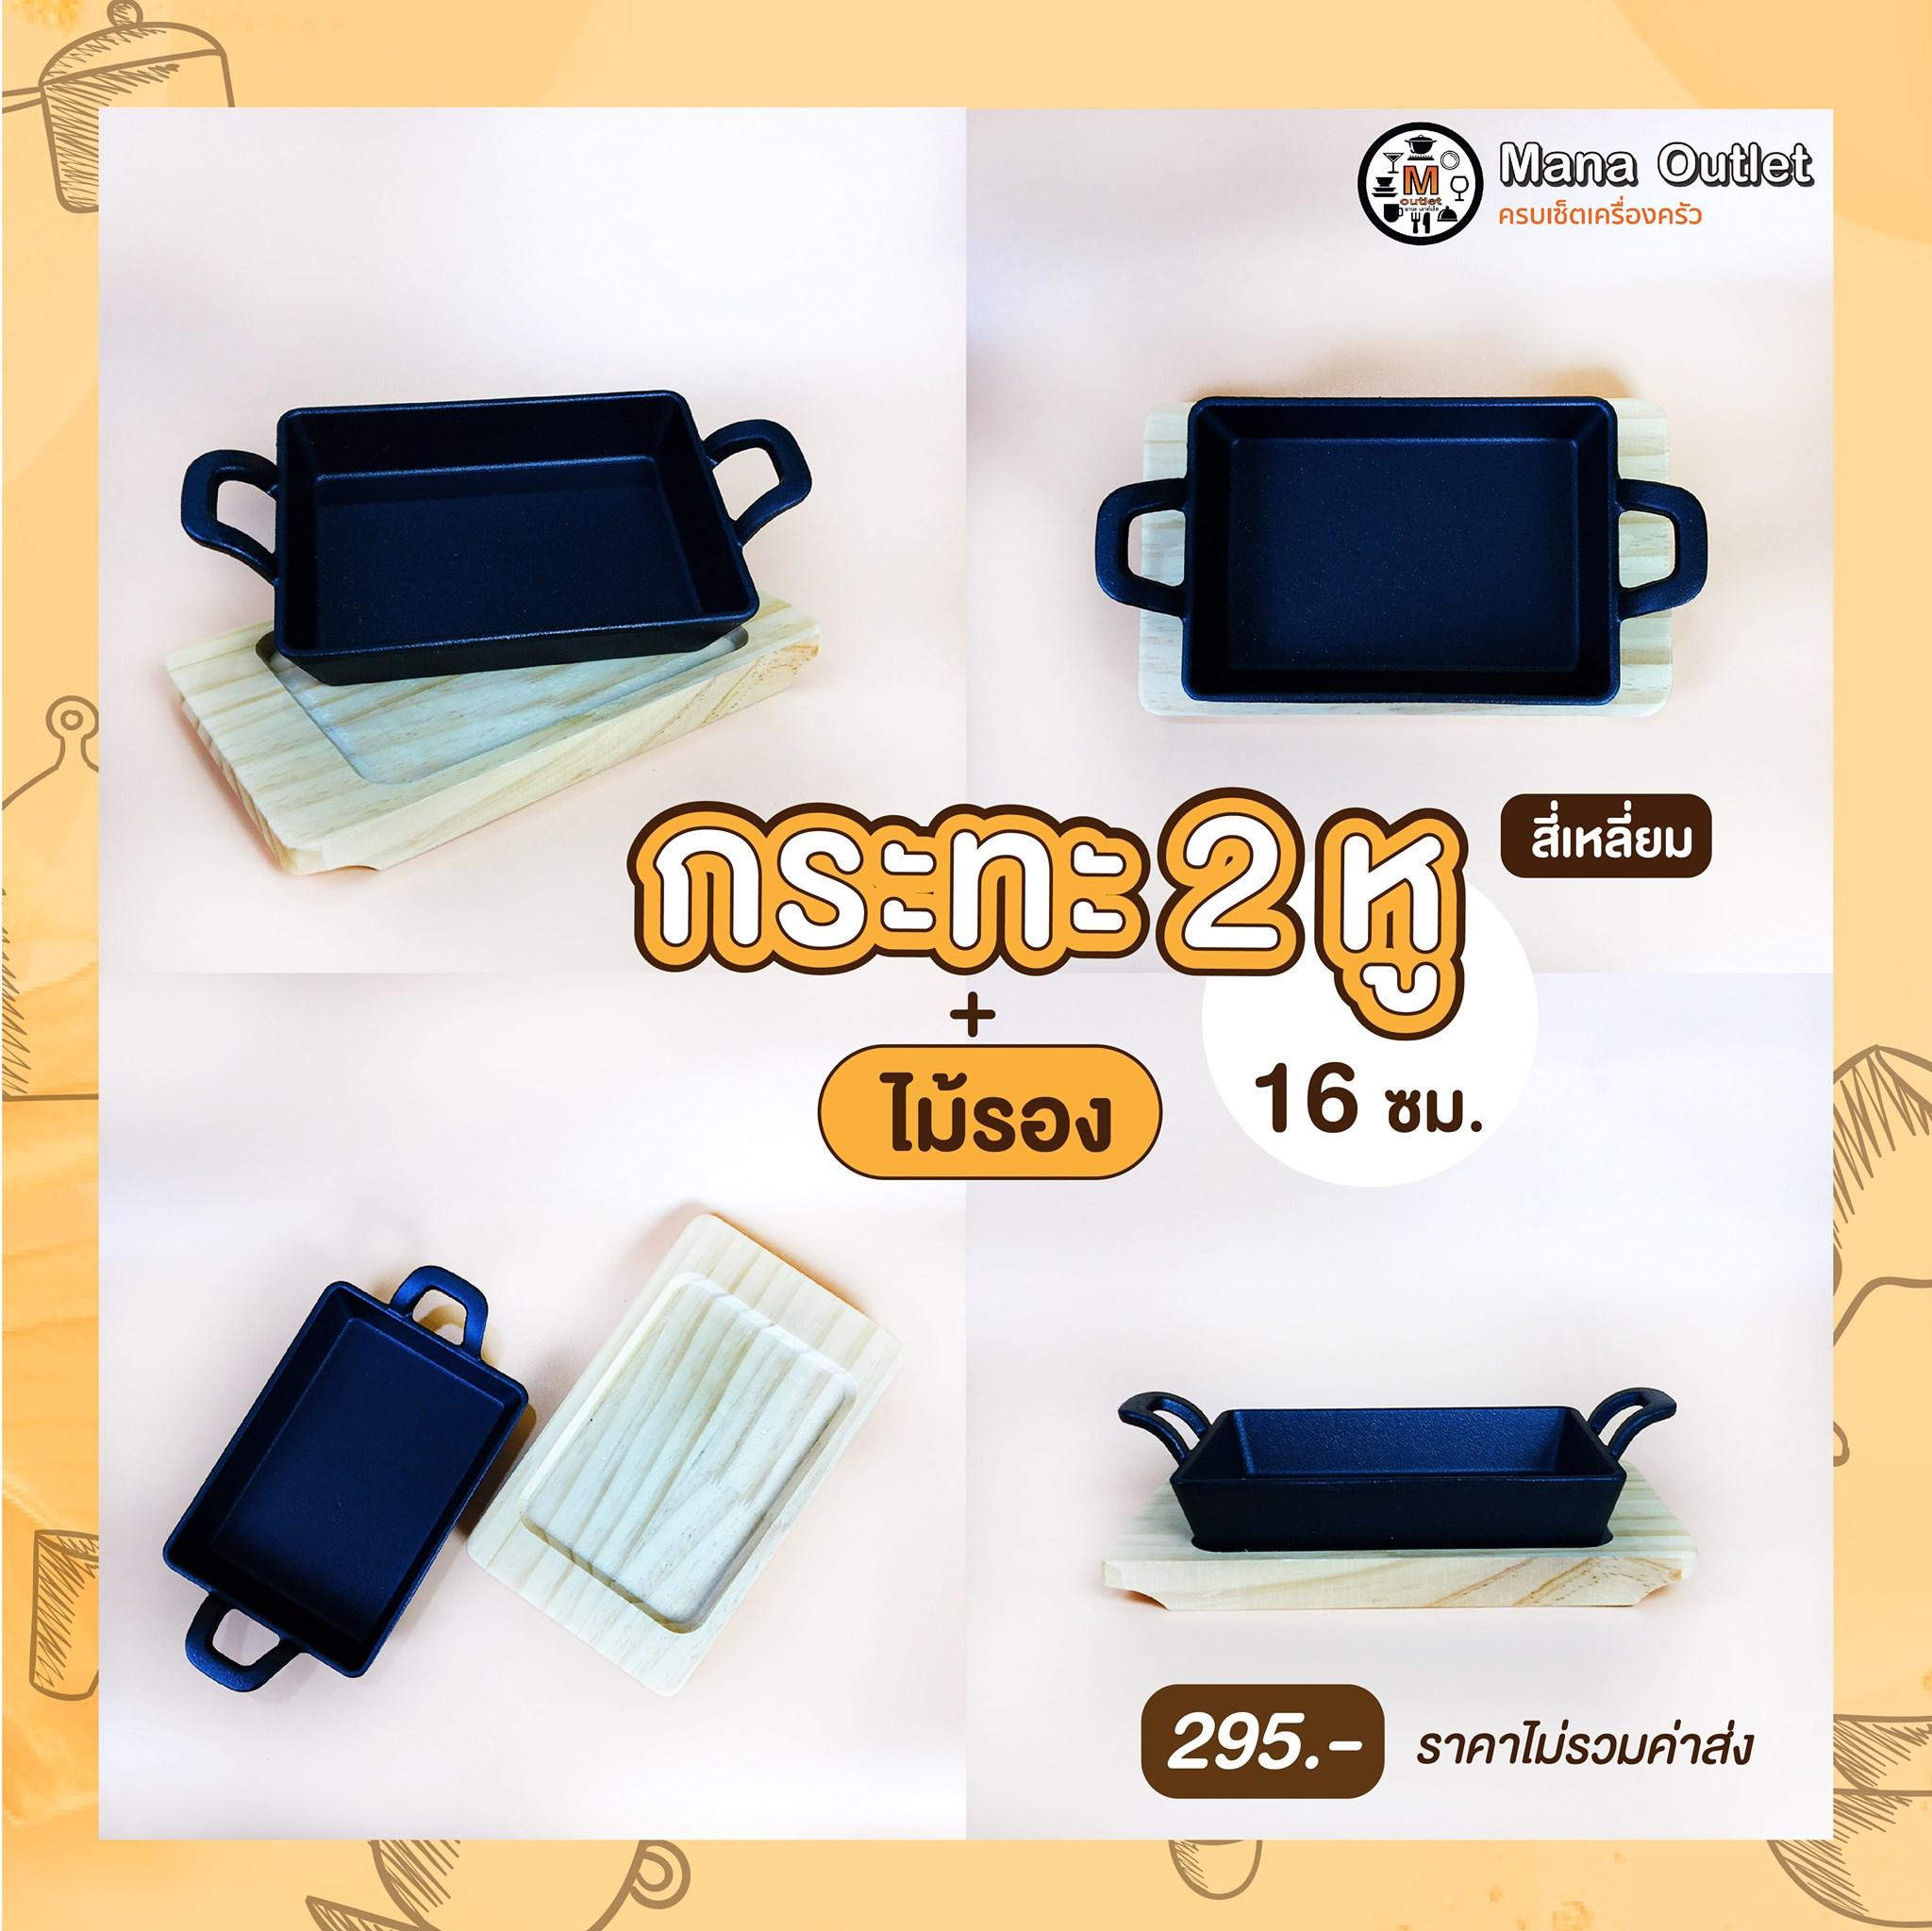 กระทะร้อน 16ซม. สี่เหลี่ยม2หู + ไม้รอง ( Made in thailand )